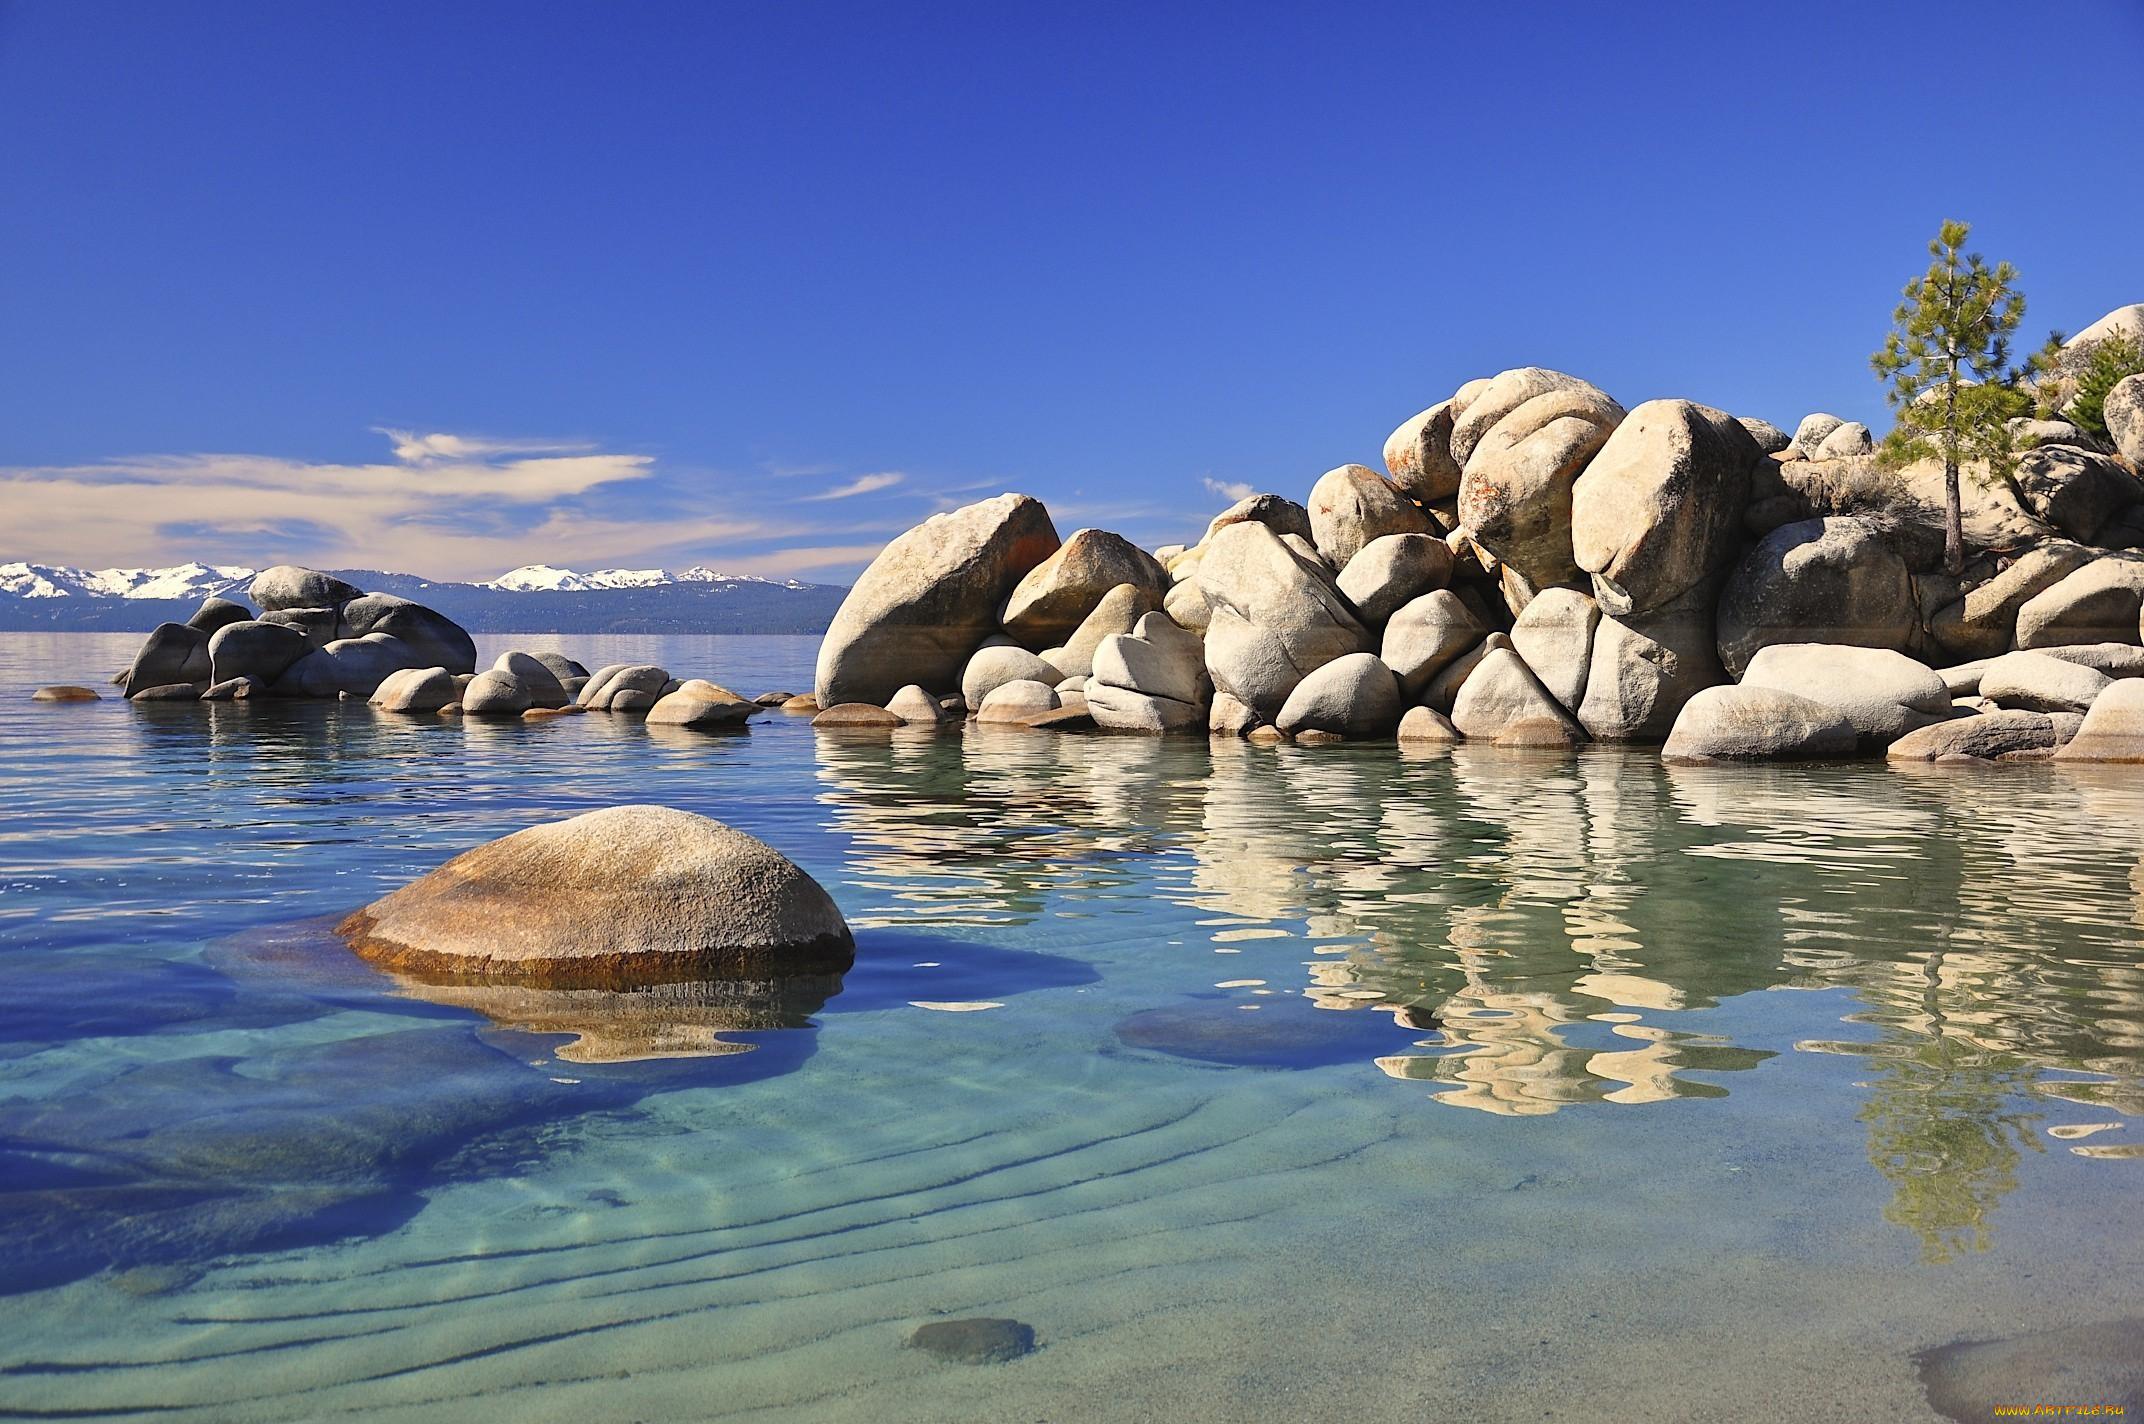 фото белых камней у воды песни звучали всех